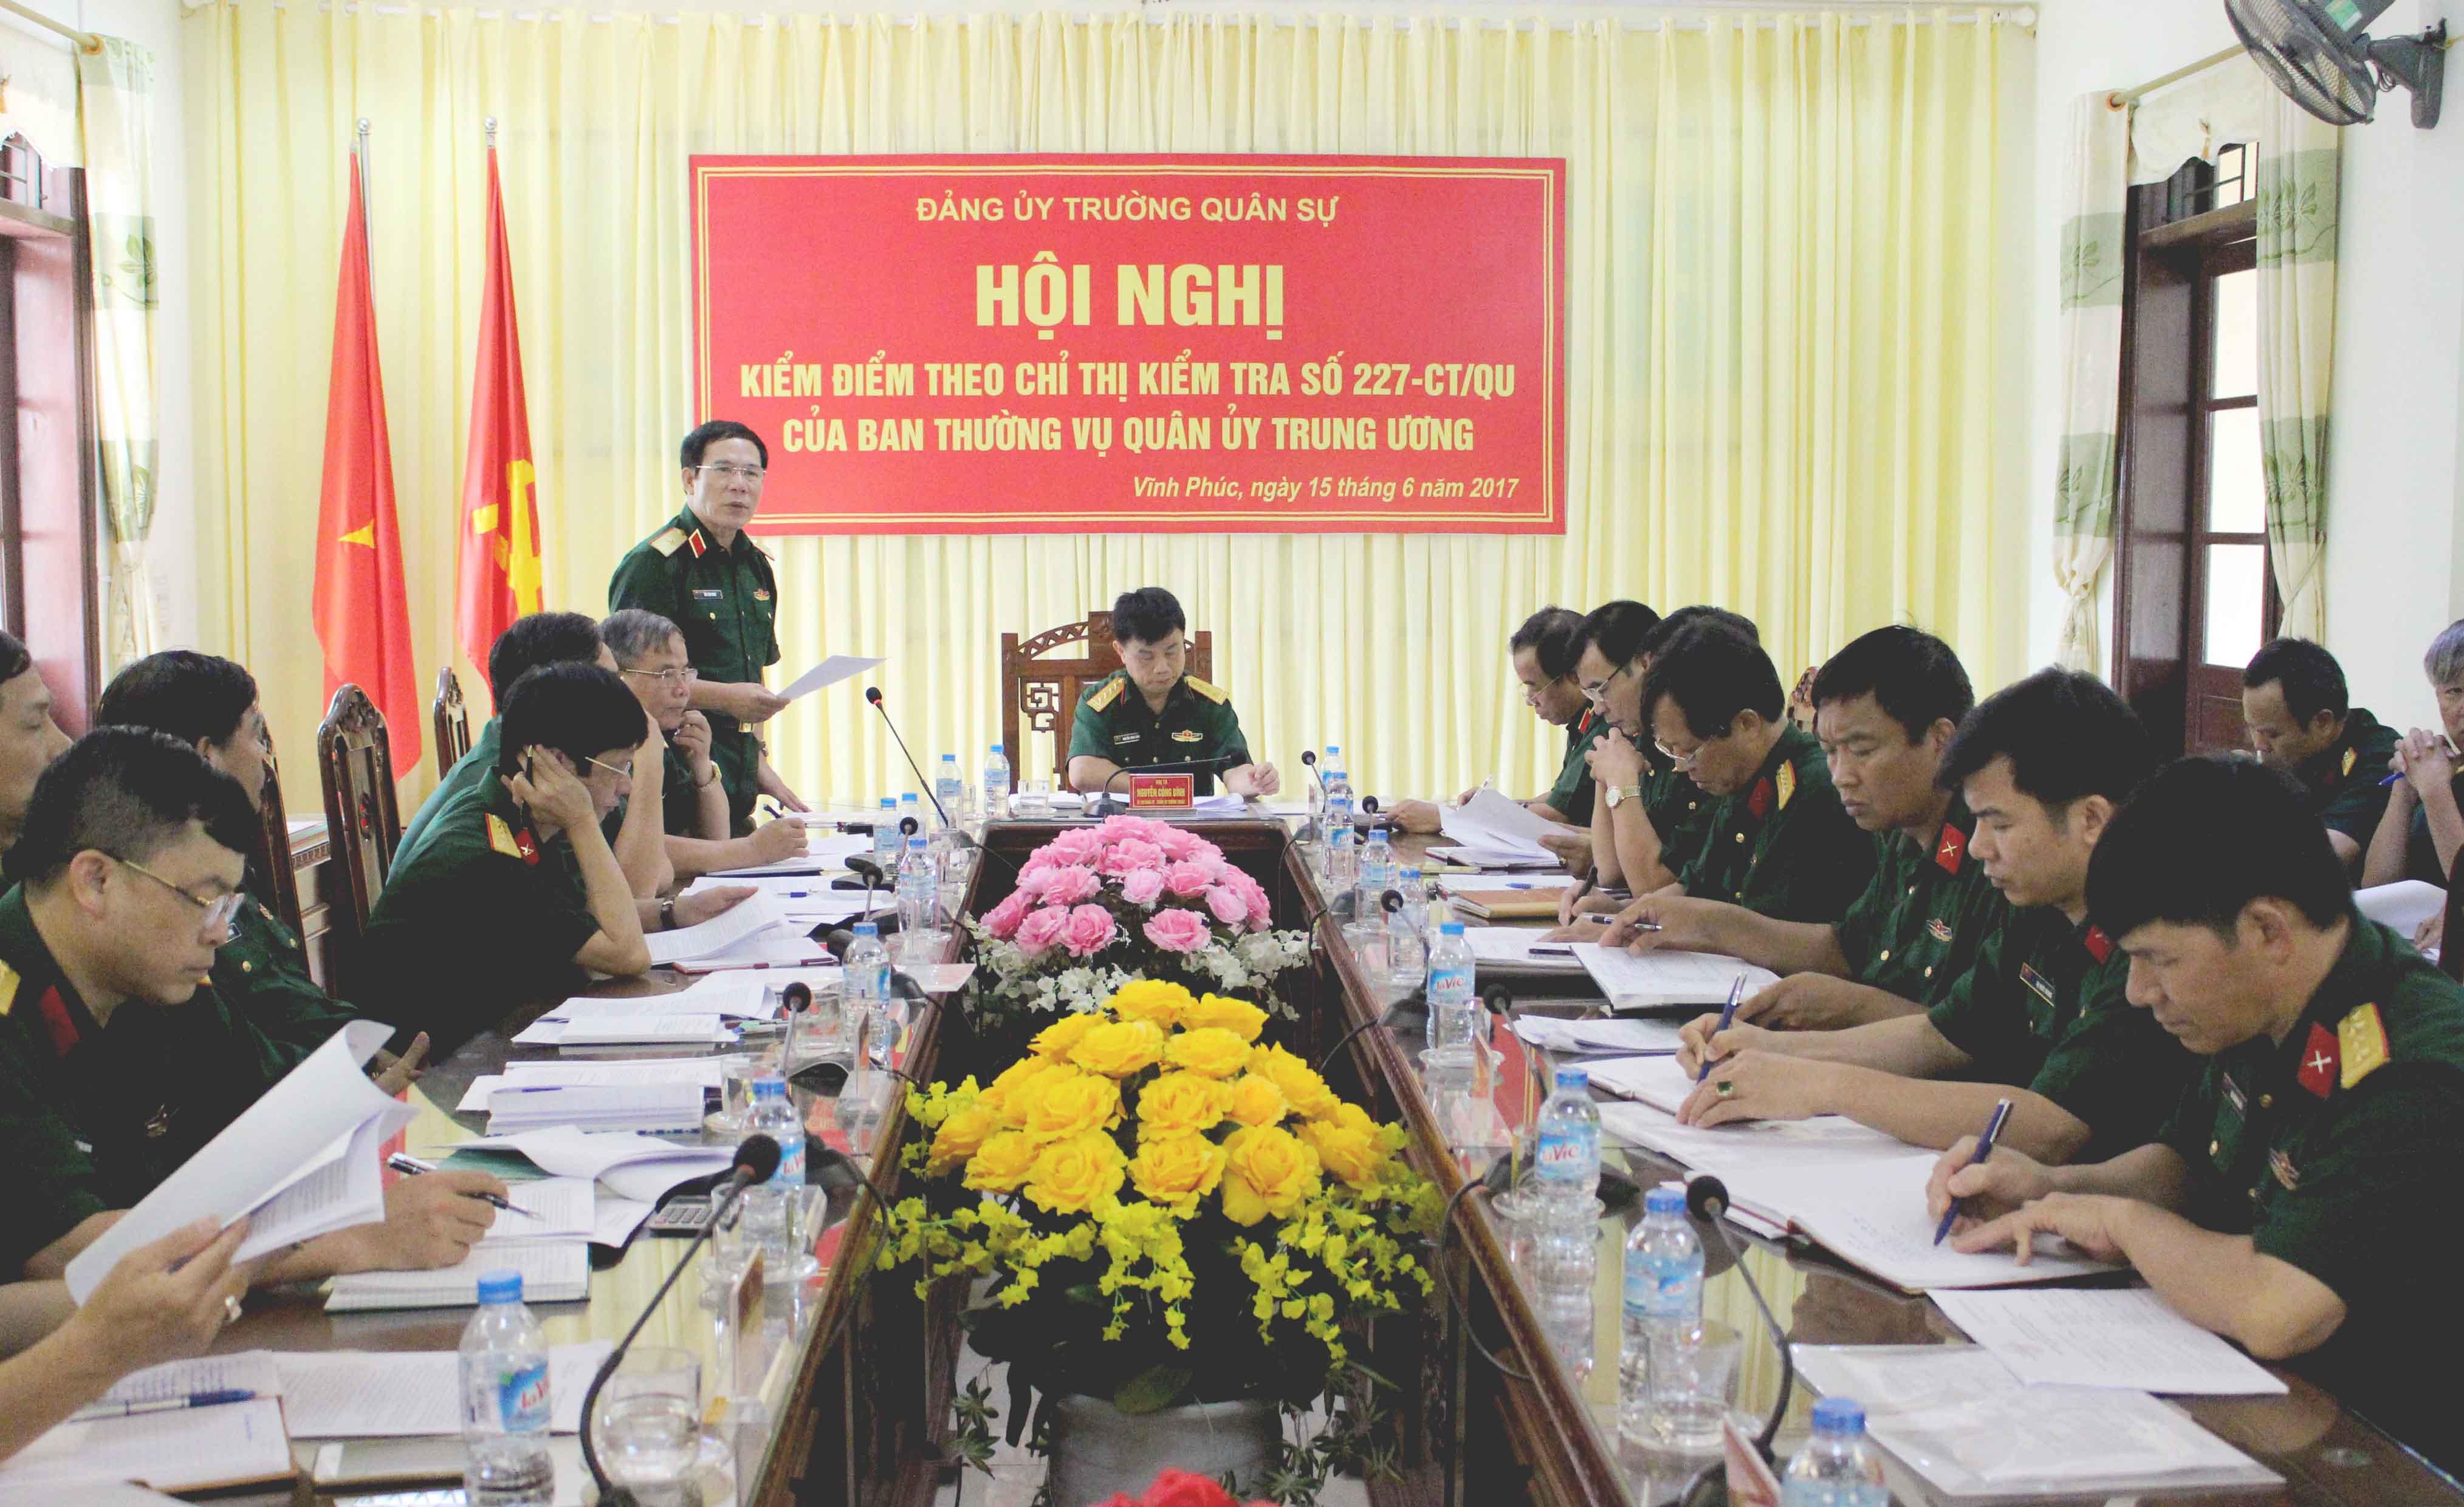 Quân ủy Trung ương kiểm tra Đảng ủy Trường Quân sự Quân khu 2